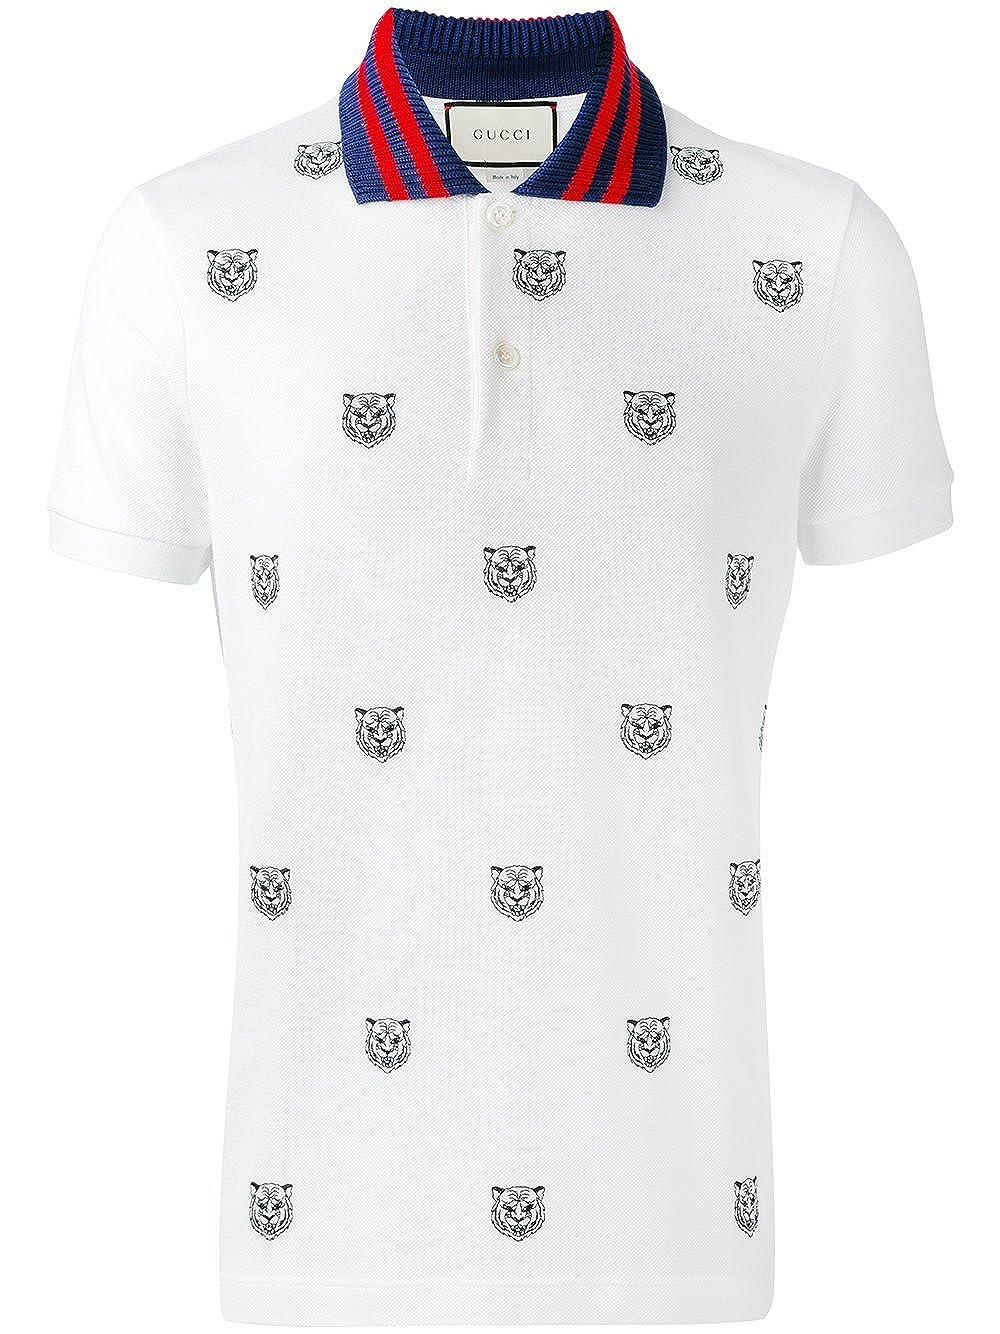 Gucci - Polo - para Hombre Blanco 46: Amazon.es: Ropa y accesorios